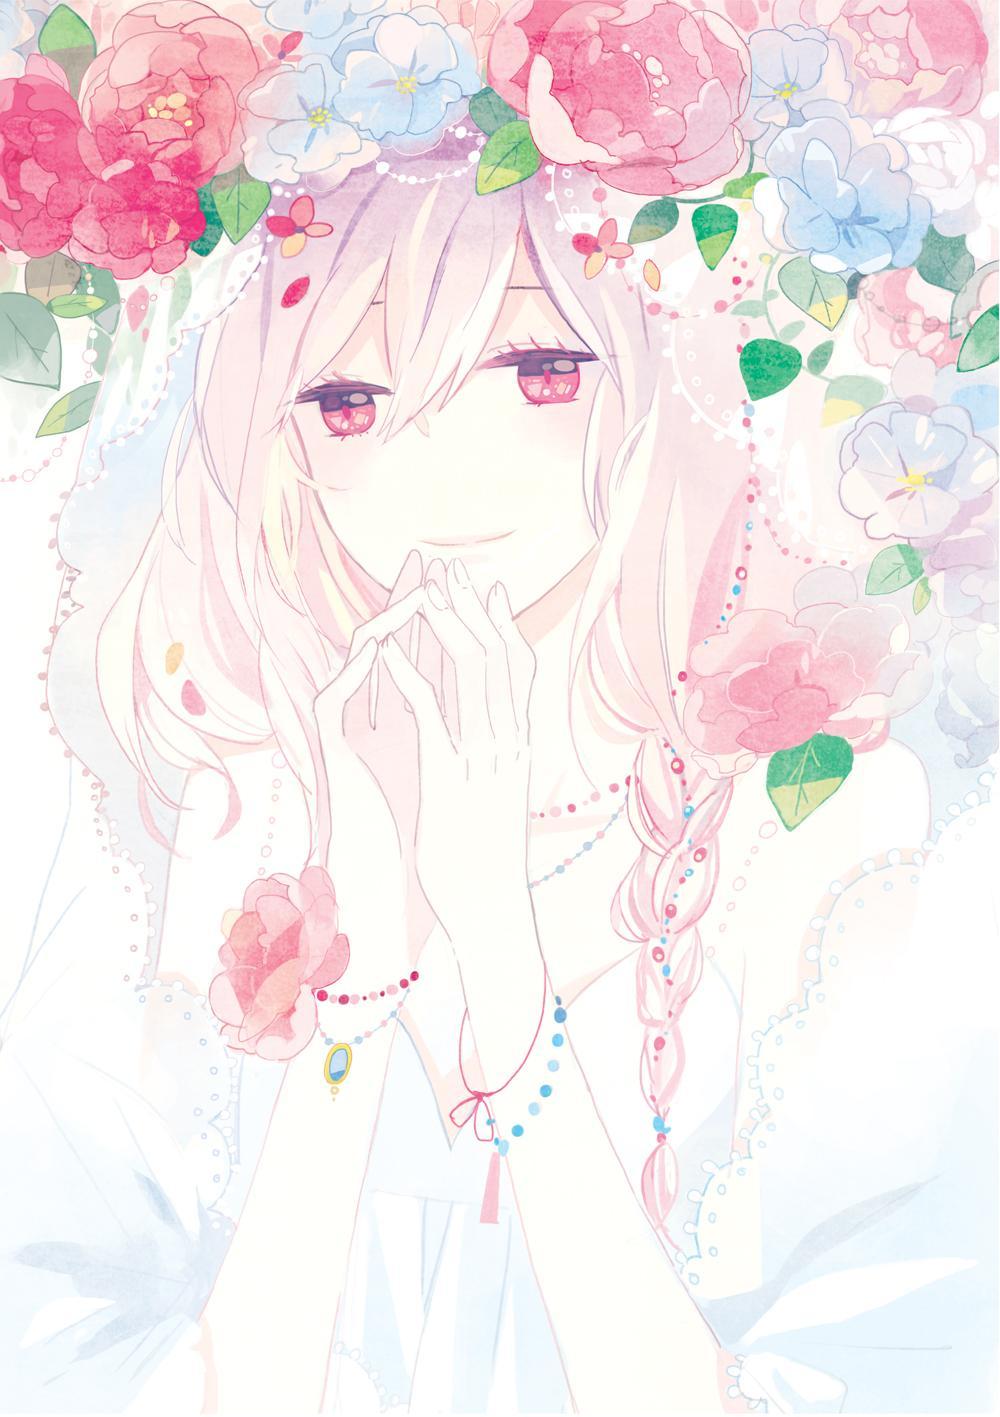 Pastel Anime Girl Wallpaper Aesthetic Cute Pastel Anime Girl 1000x1417 Wallpaper Teahub Io